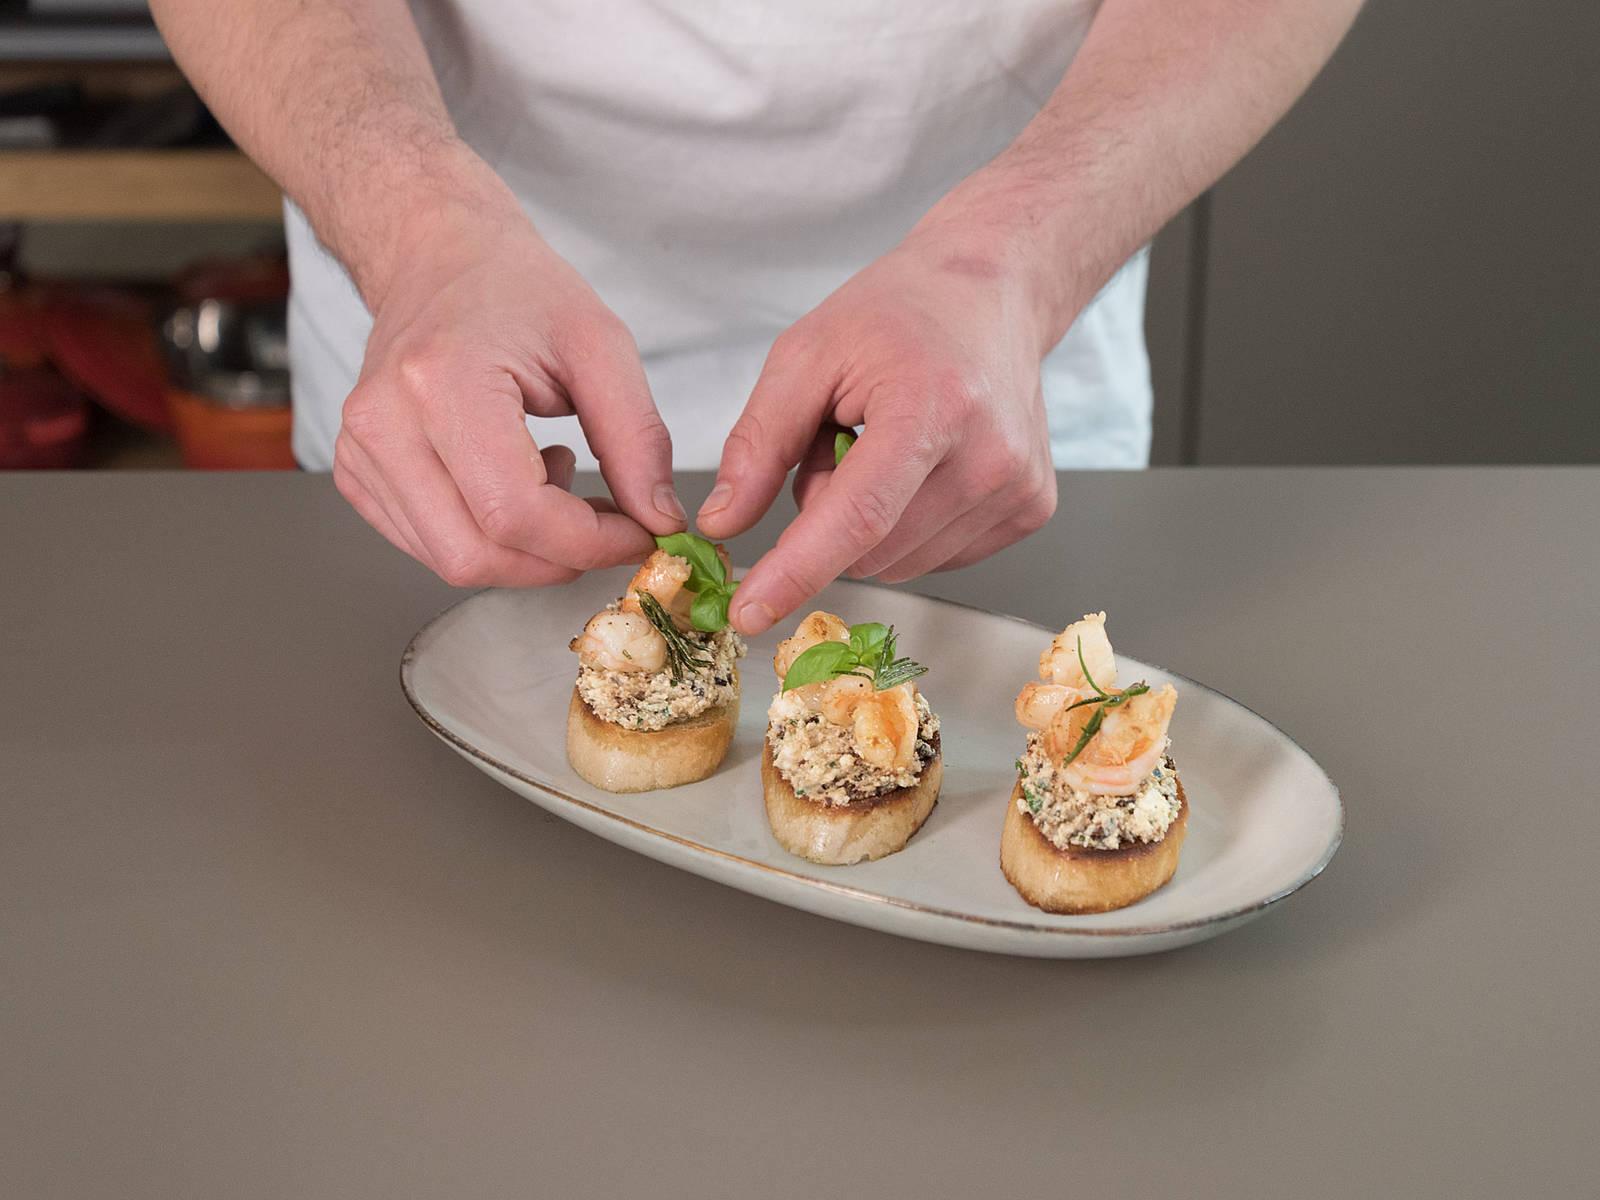 Fetacreme auf die gerösteten Baguettescheiben streichen, mit Garnelen belegen und mit Basilikum servieren. Guten Appetit!